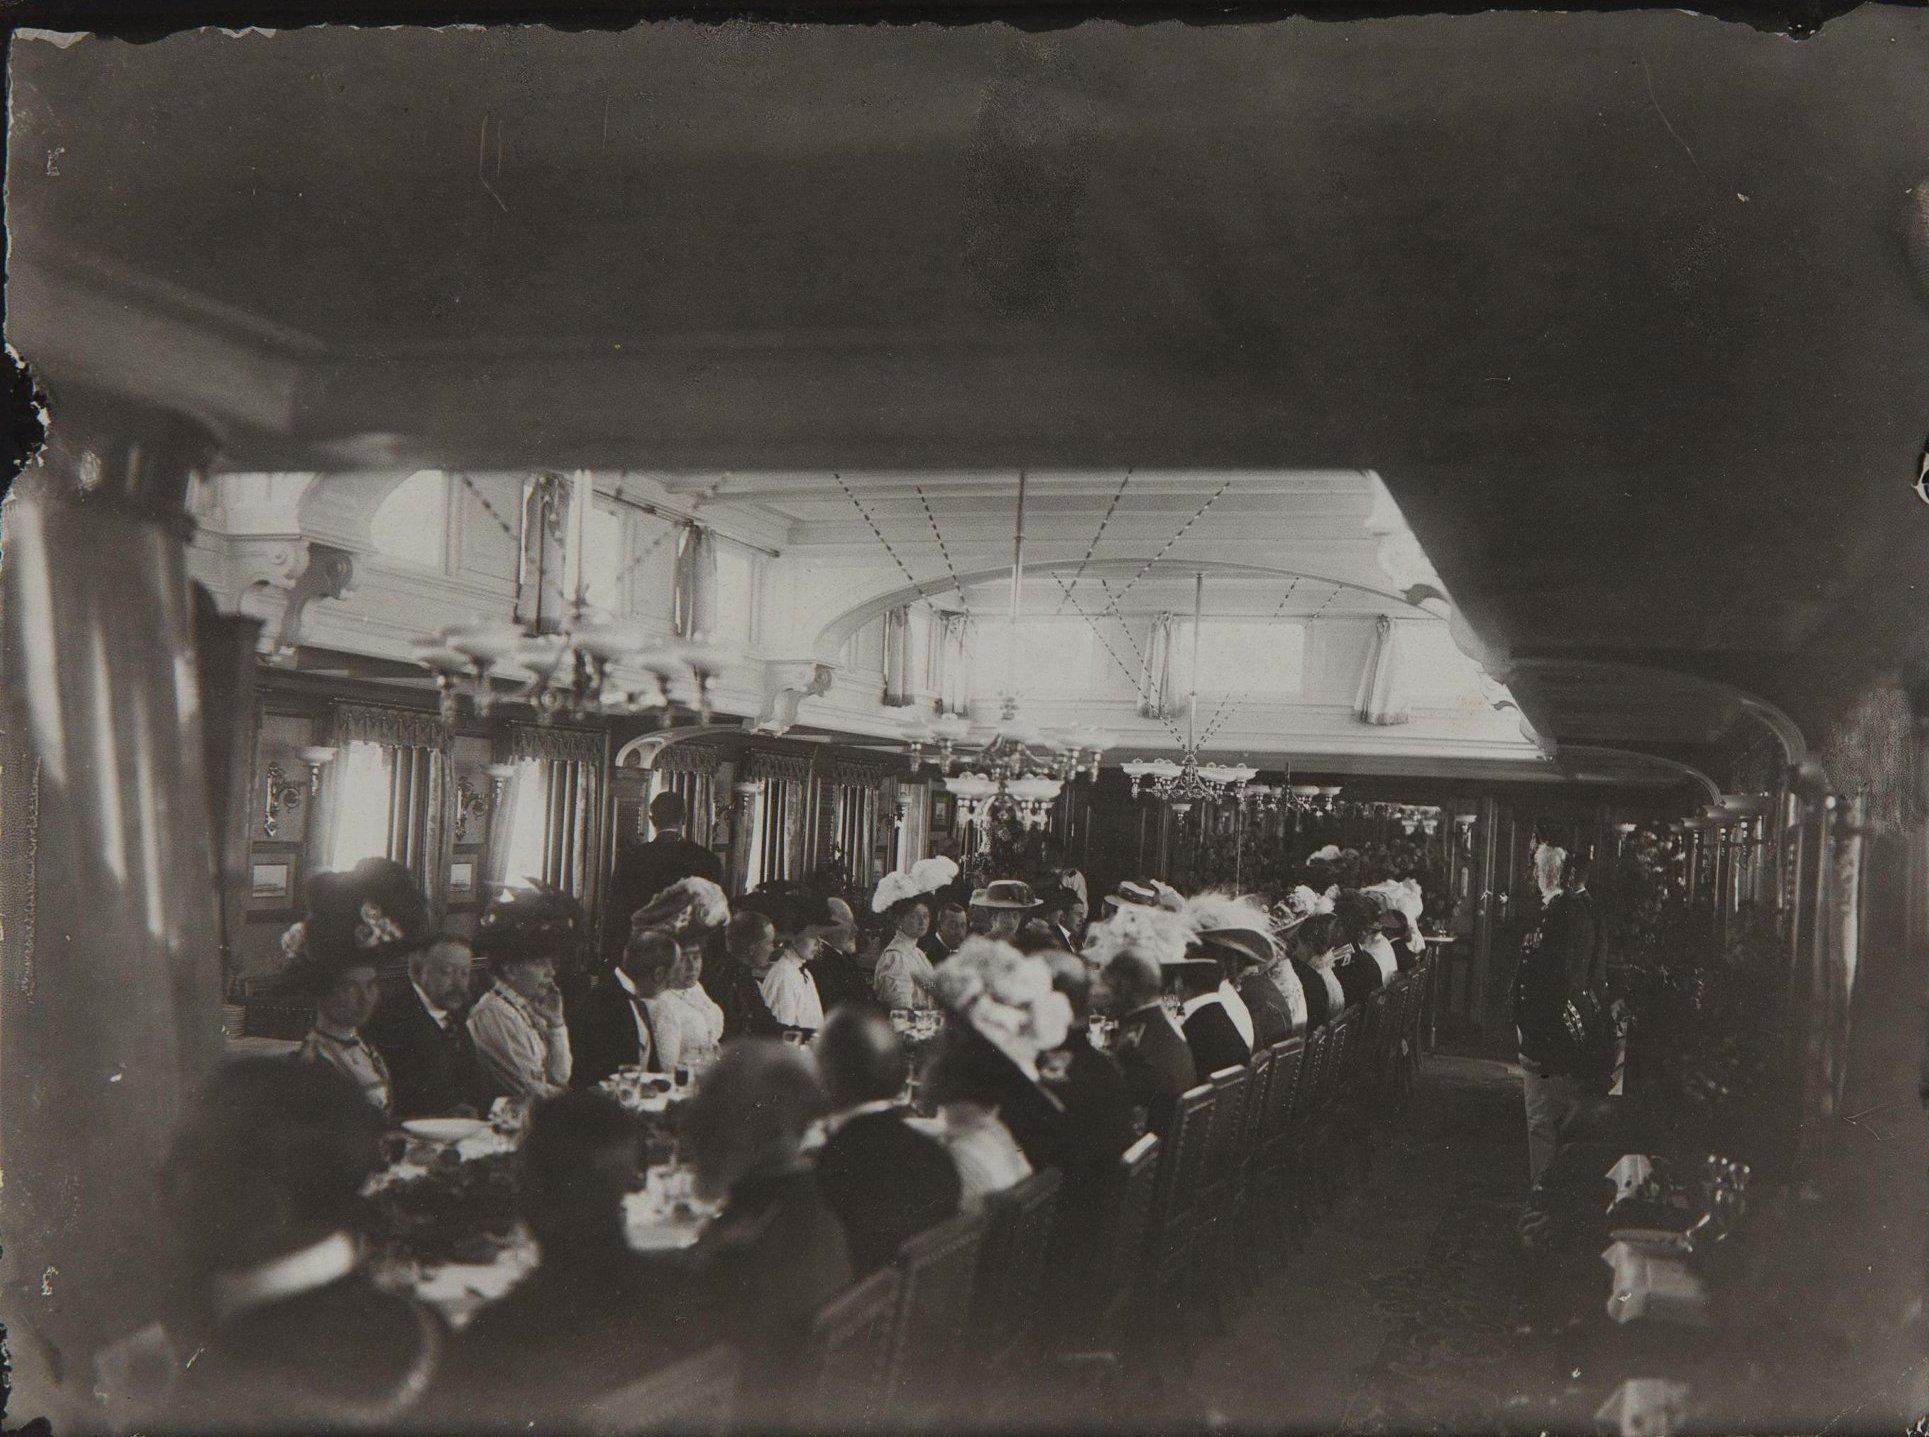 1908. Обед на яхте «Штандарт» по случаю приезда президента Франции Фальера Армана. Ревель